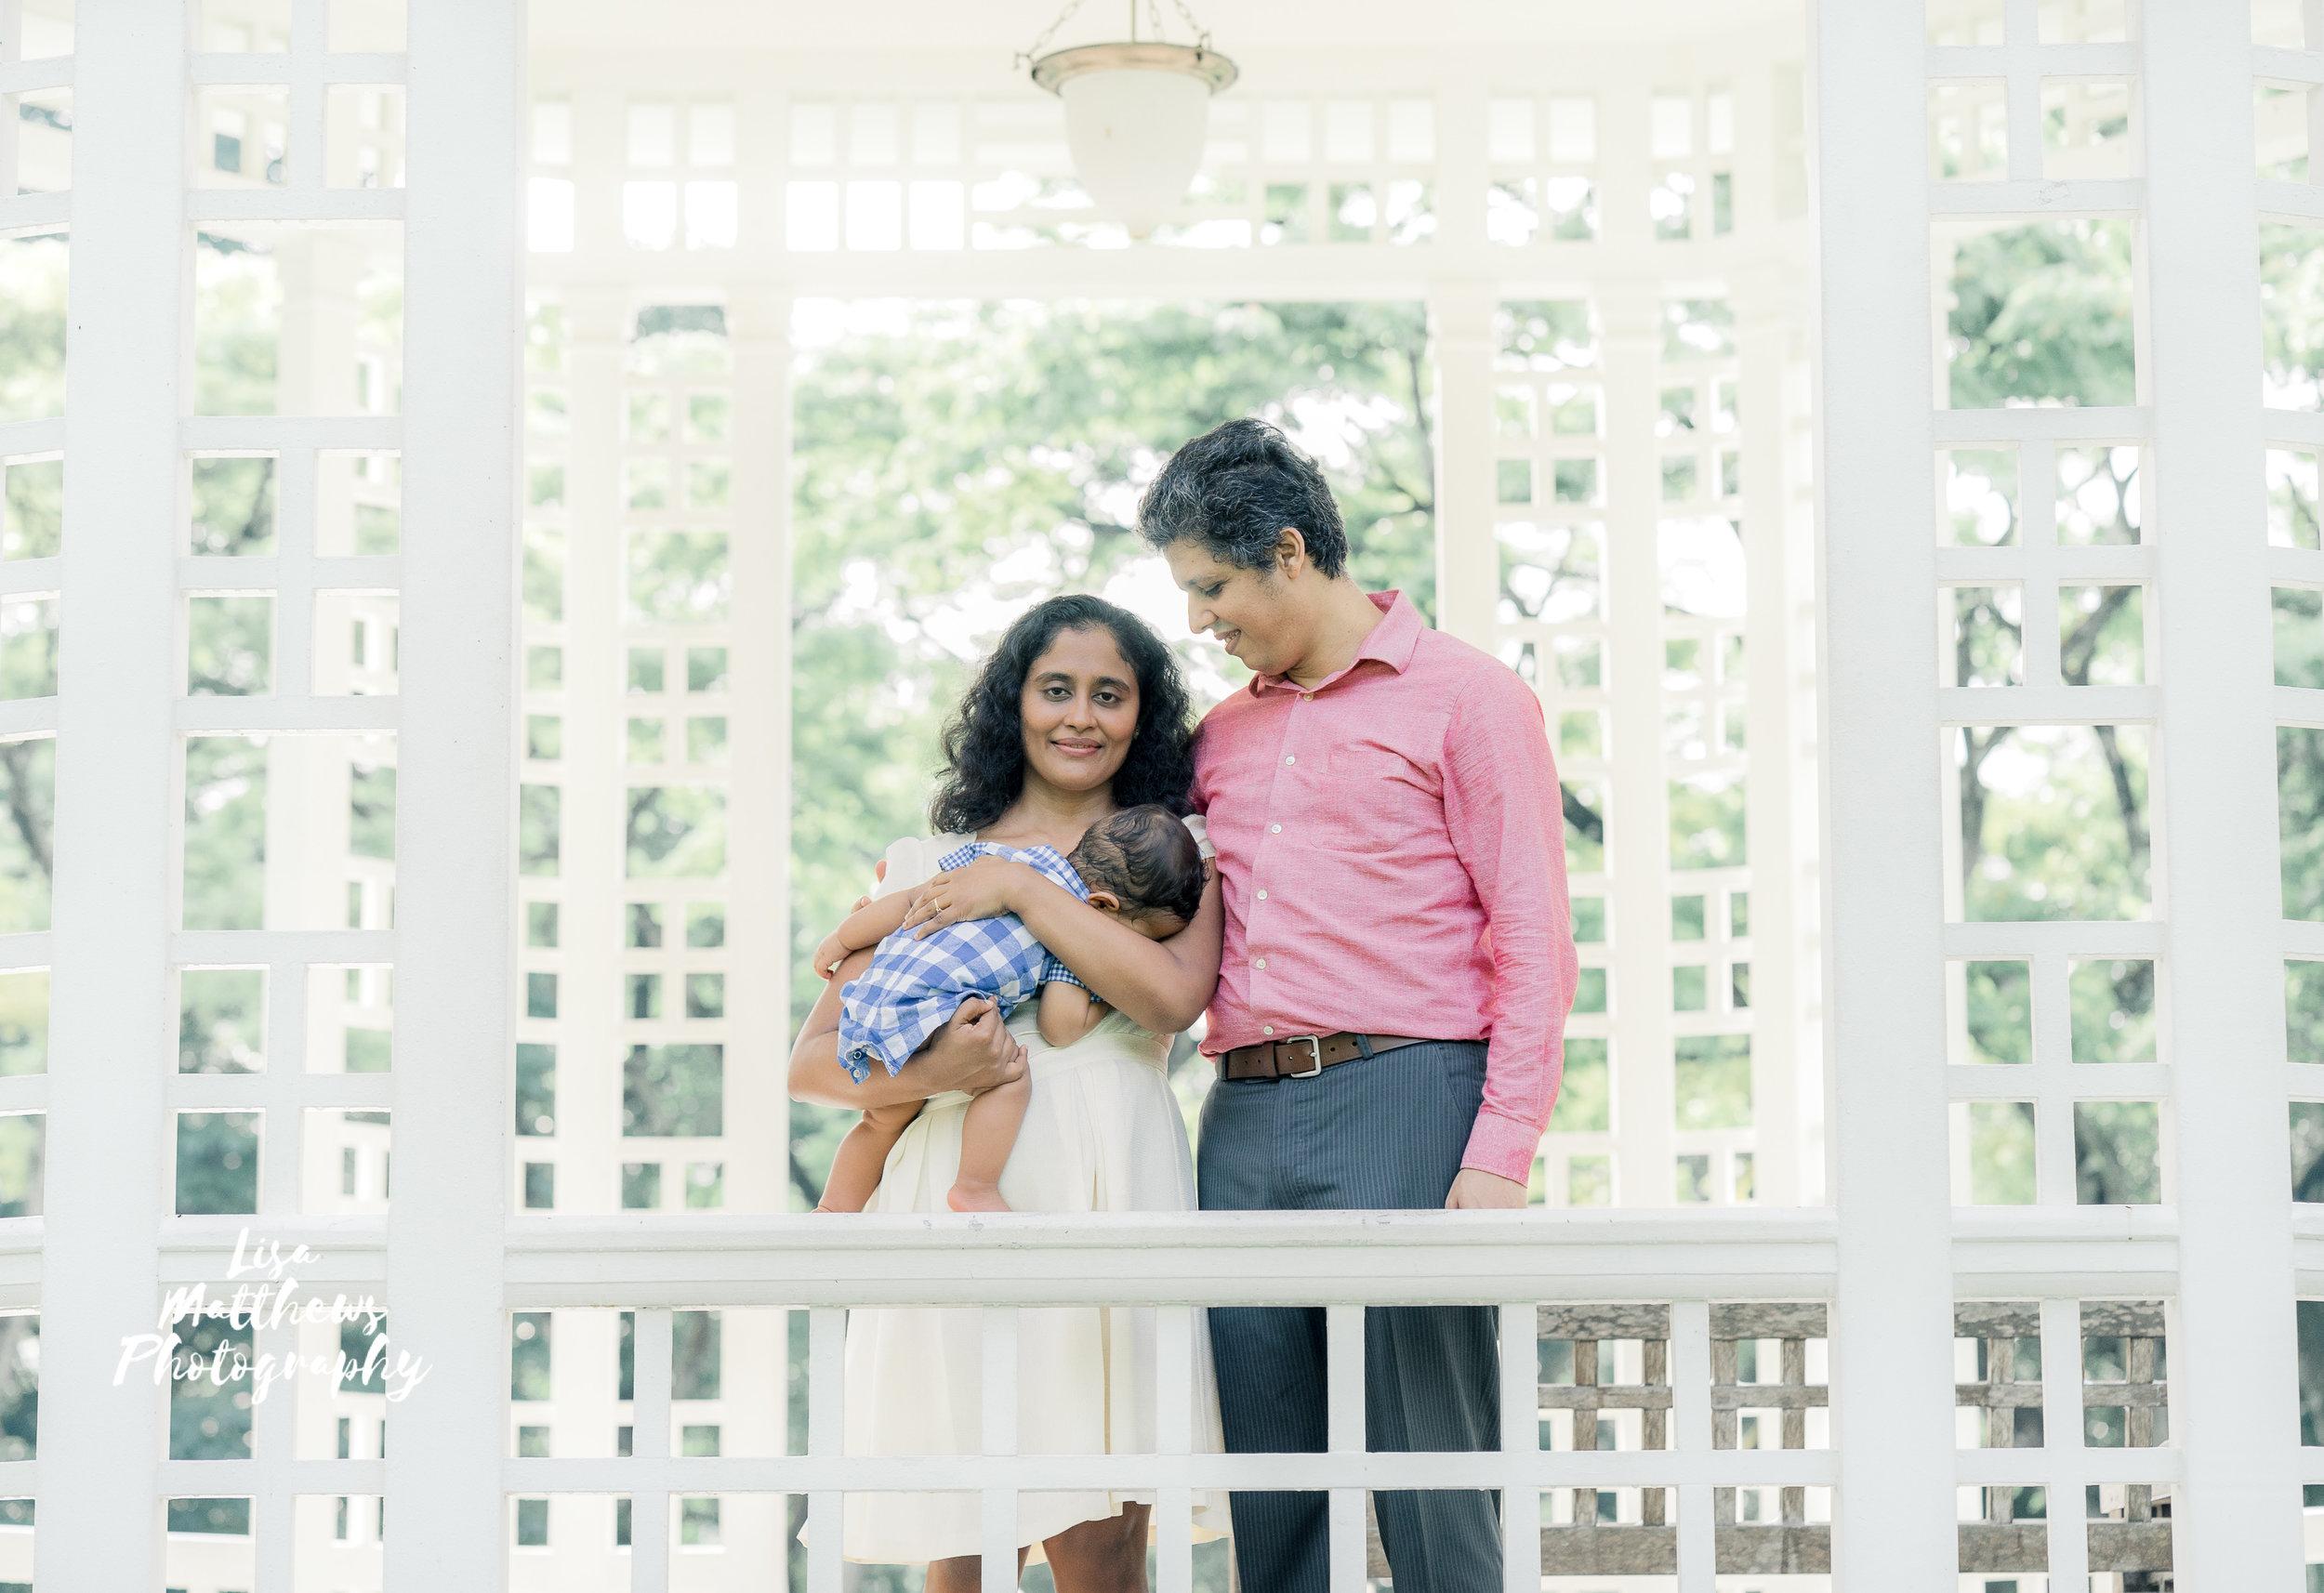 lisamatthews-familyphoto1.jpg